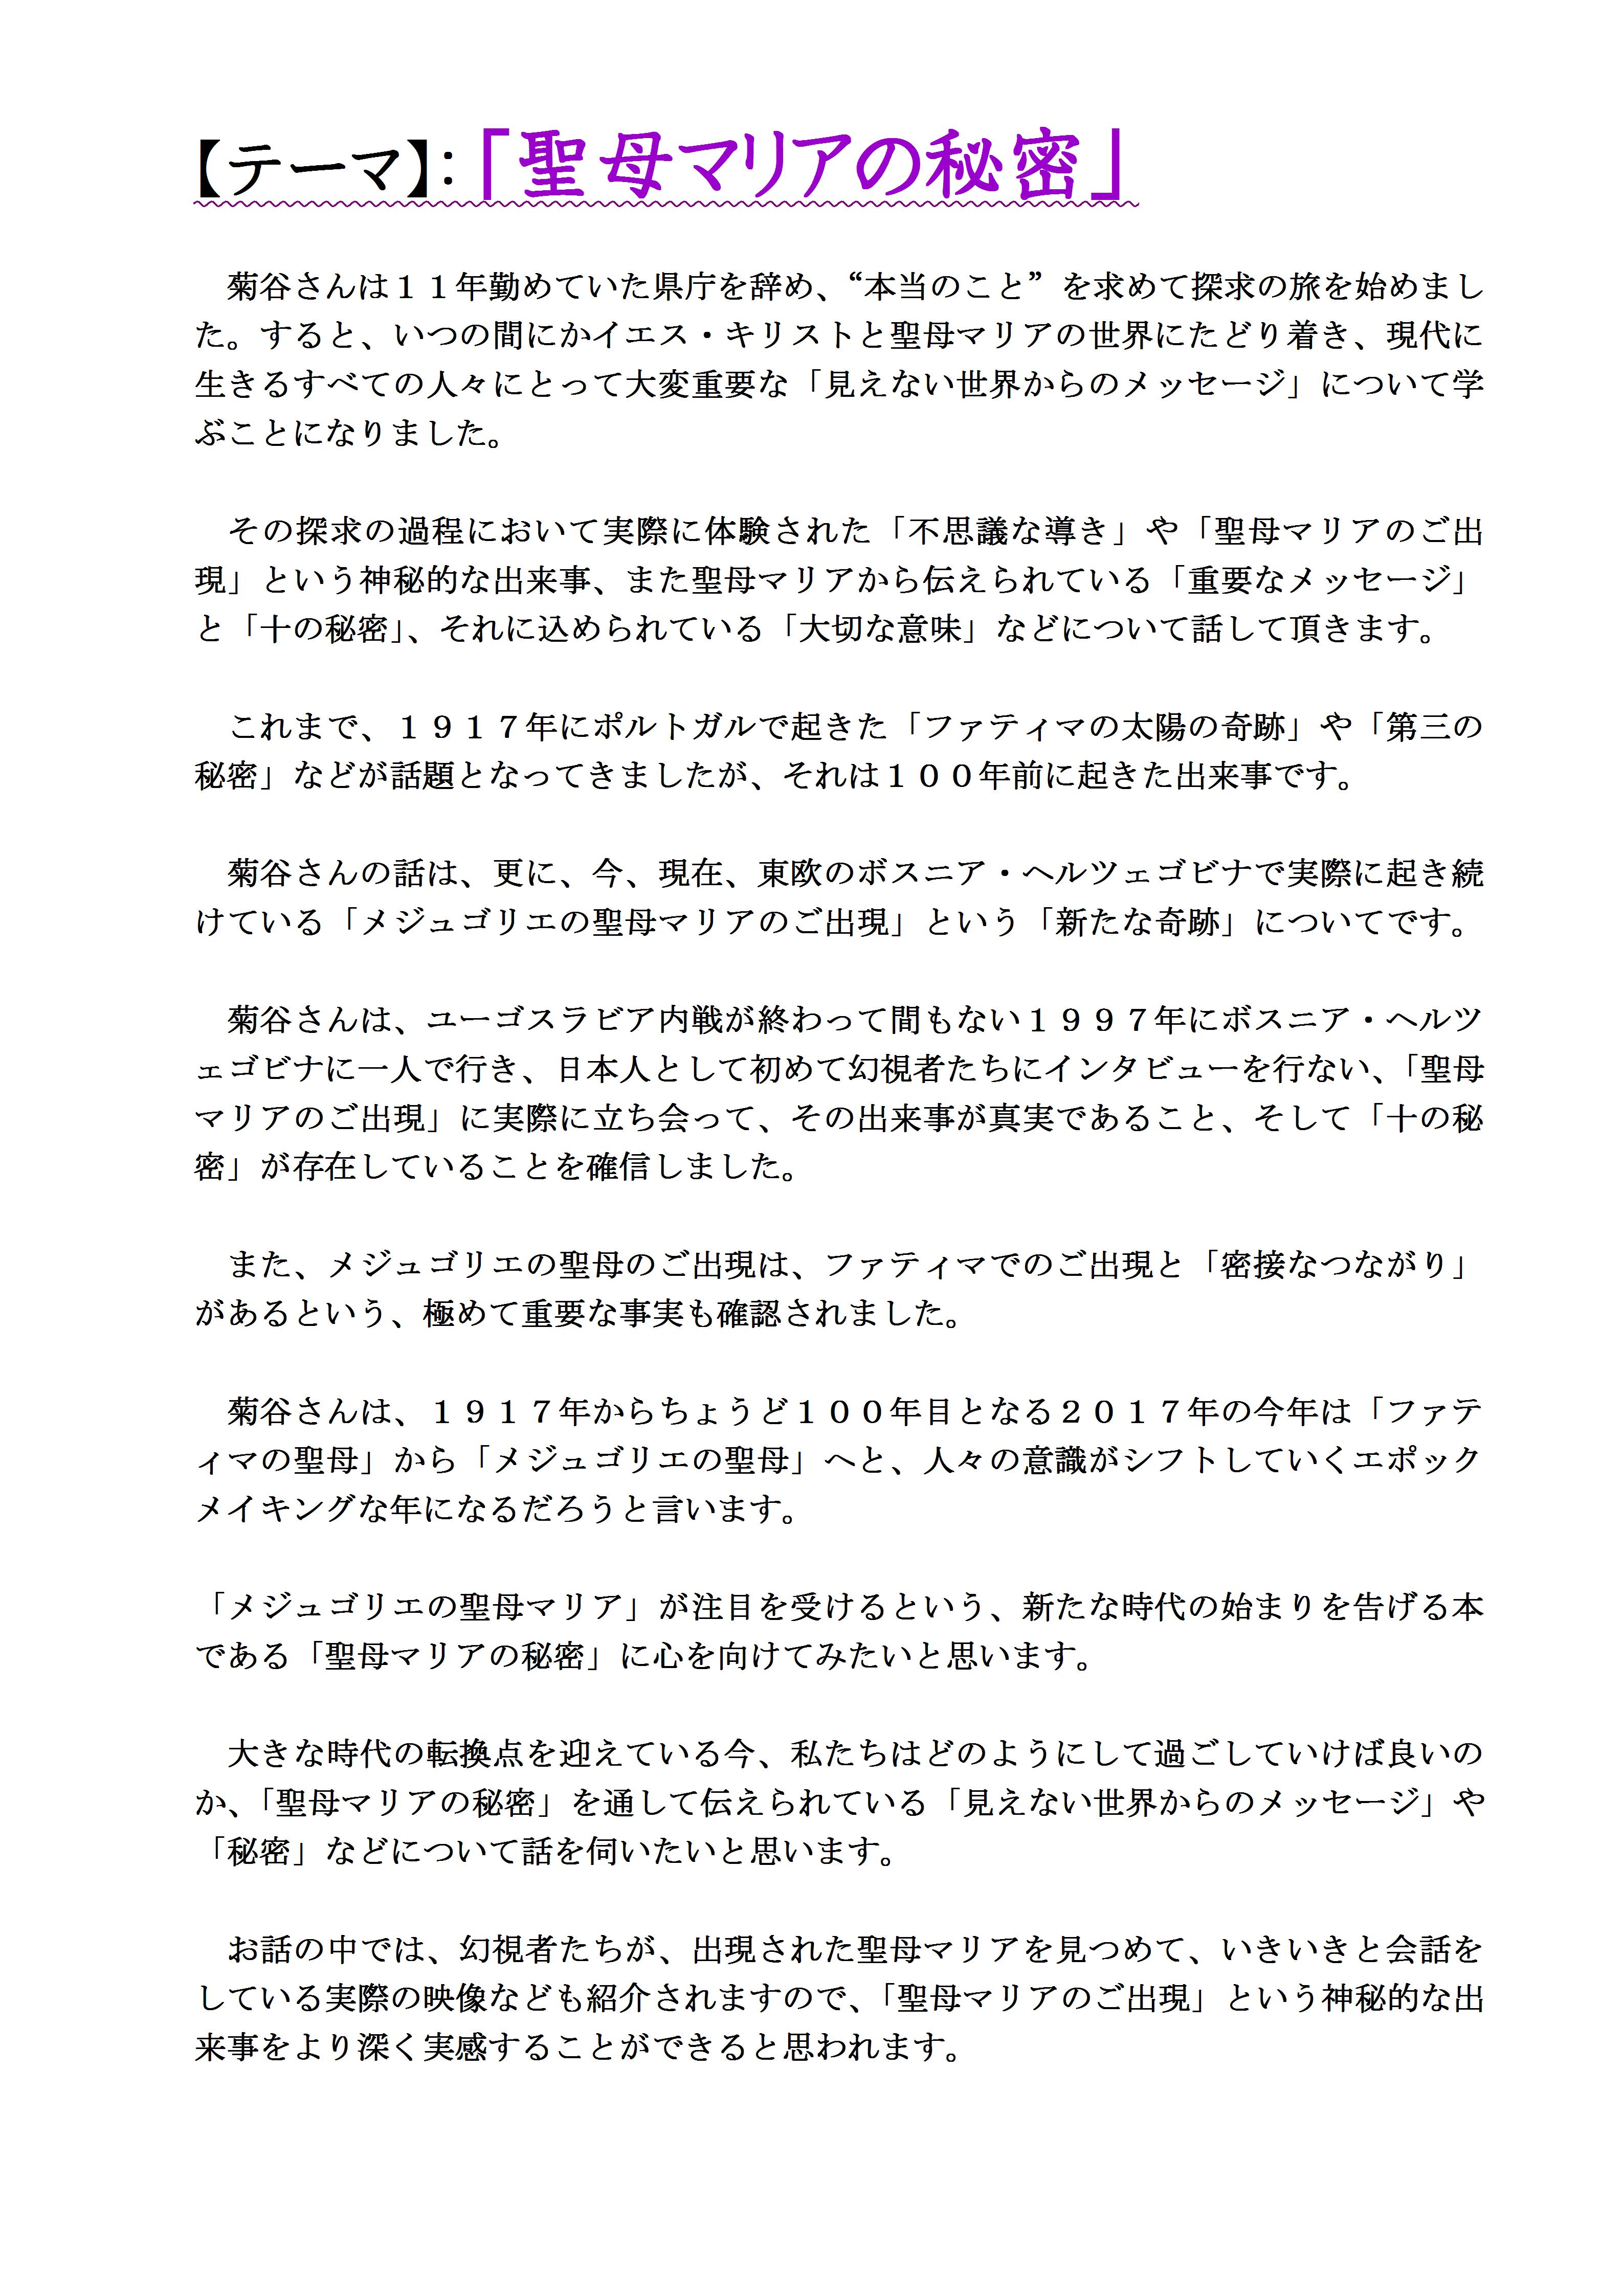 「お話とお祈りの会」in 福岡 page2.png